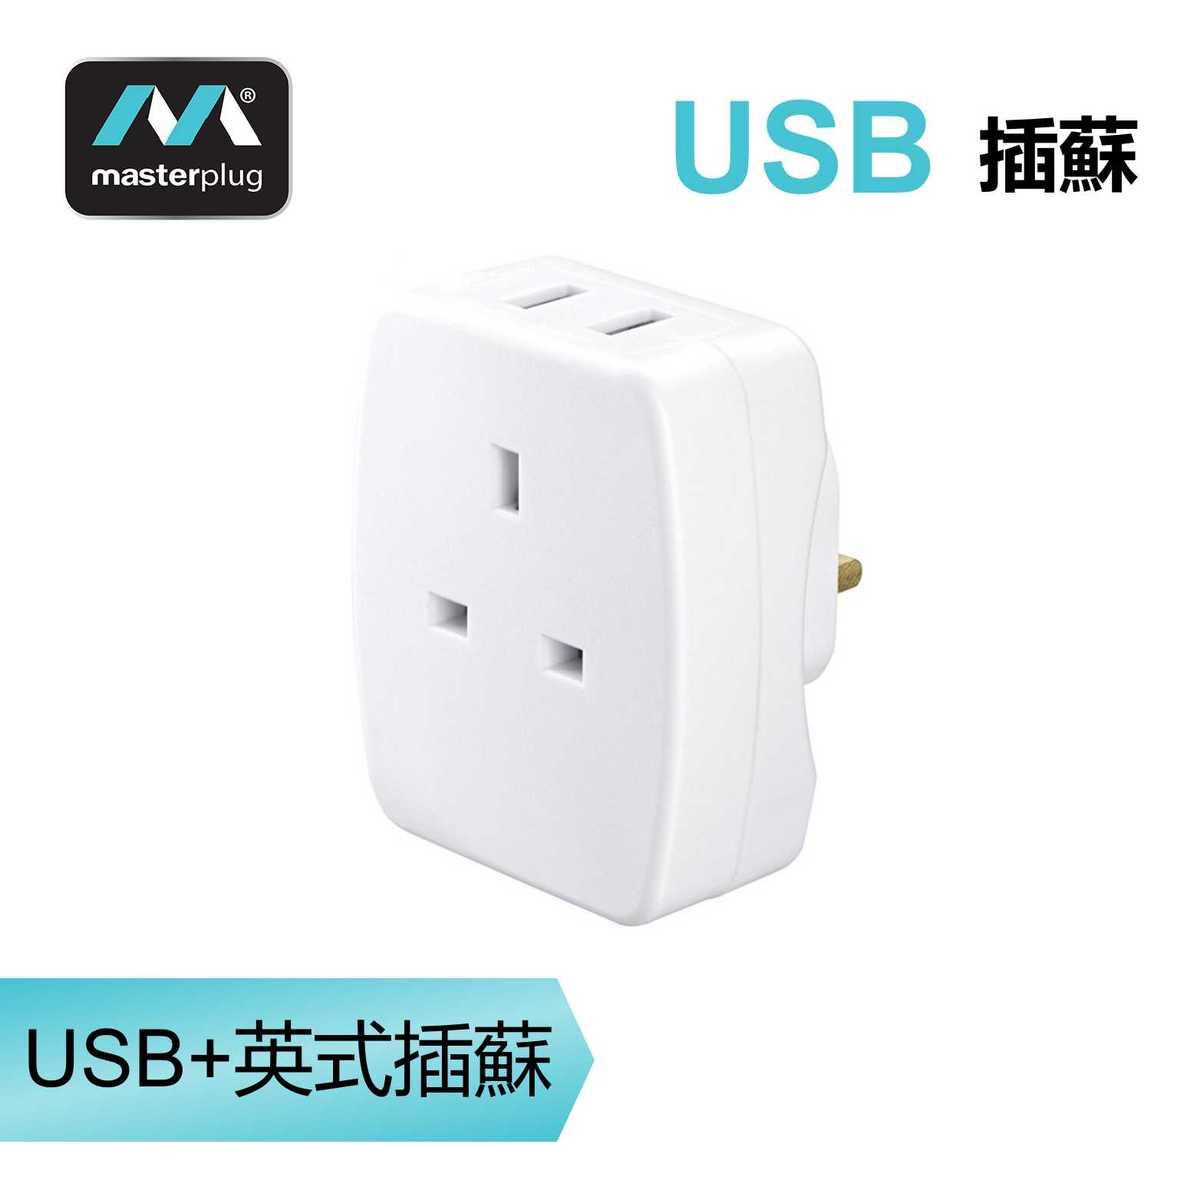 USB Adaptor 2 x USB (2.1A) with UK Socket-Plug Through (Model:AUSBW2-MPA)